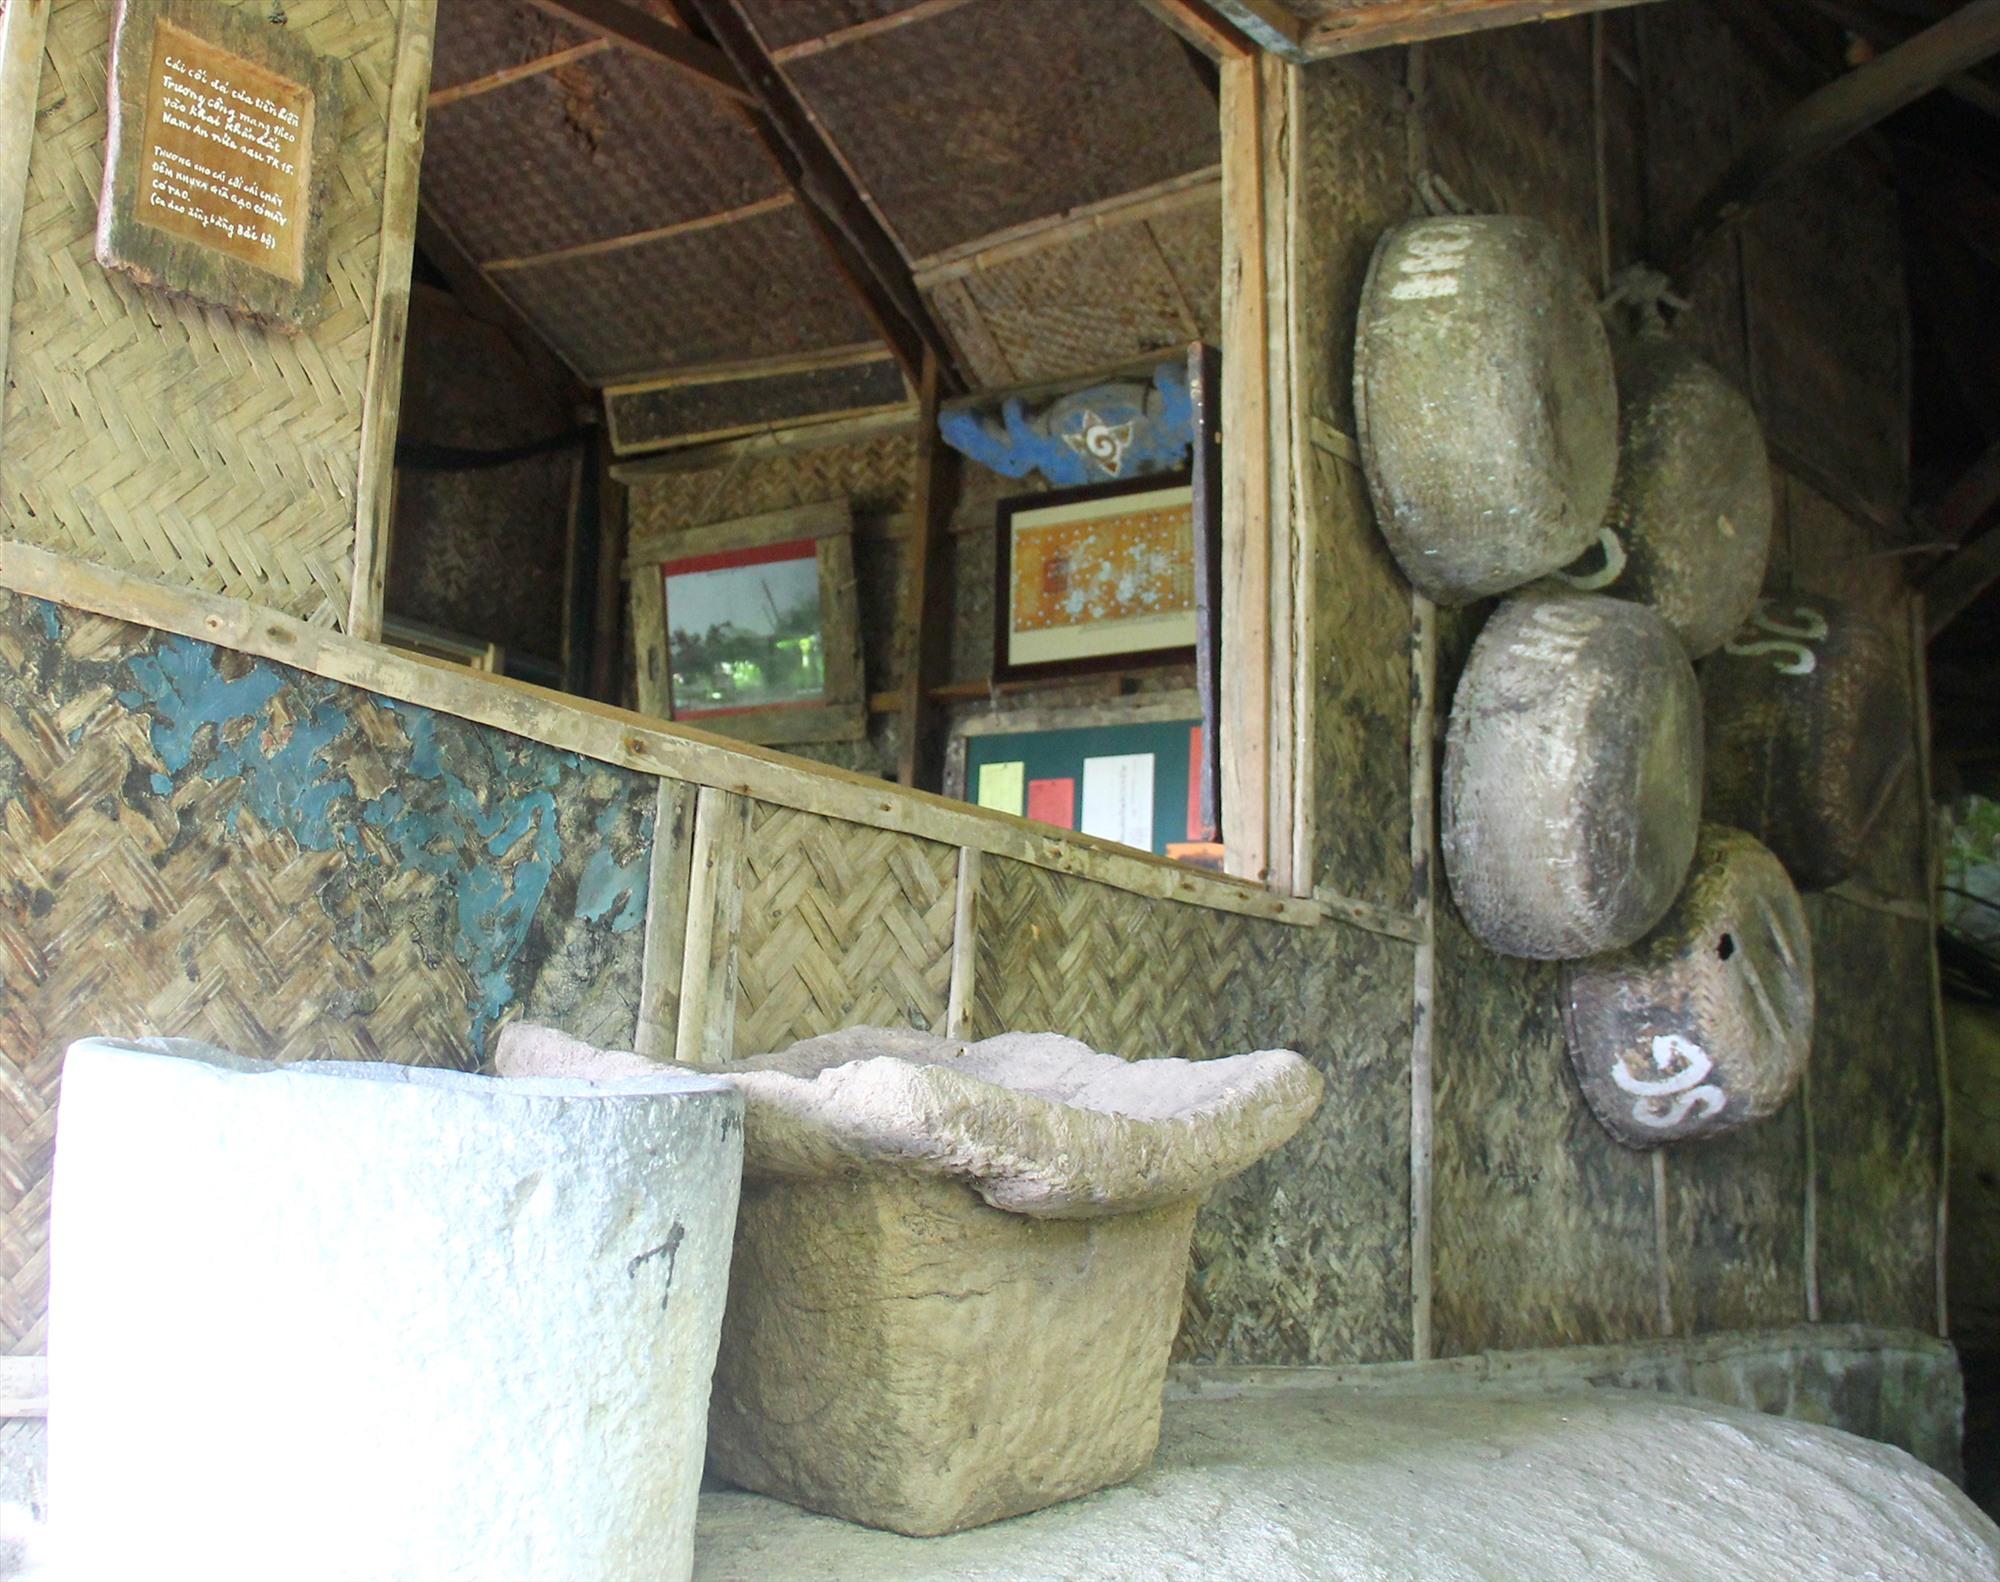 Chiếc cối đá lưu giữ tại Bảo tàng Đồng Đình, tấm bảng chép câu ca dao treo mé trên bên trái. Ảnh: H.X.H